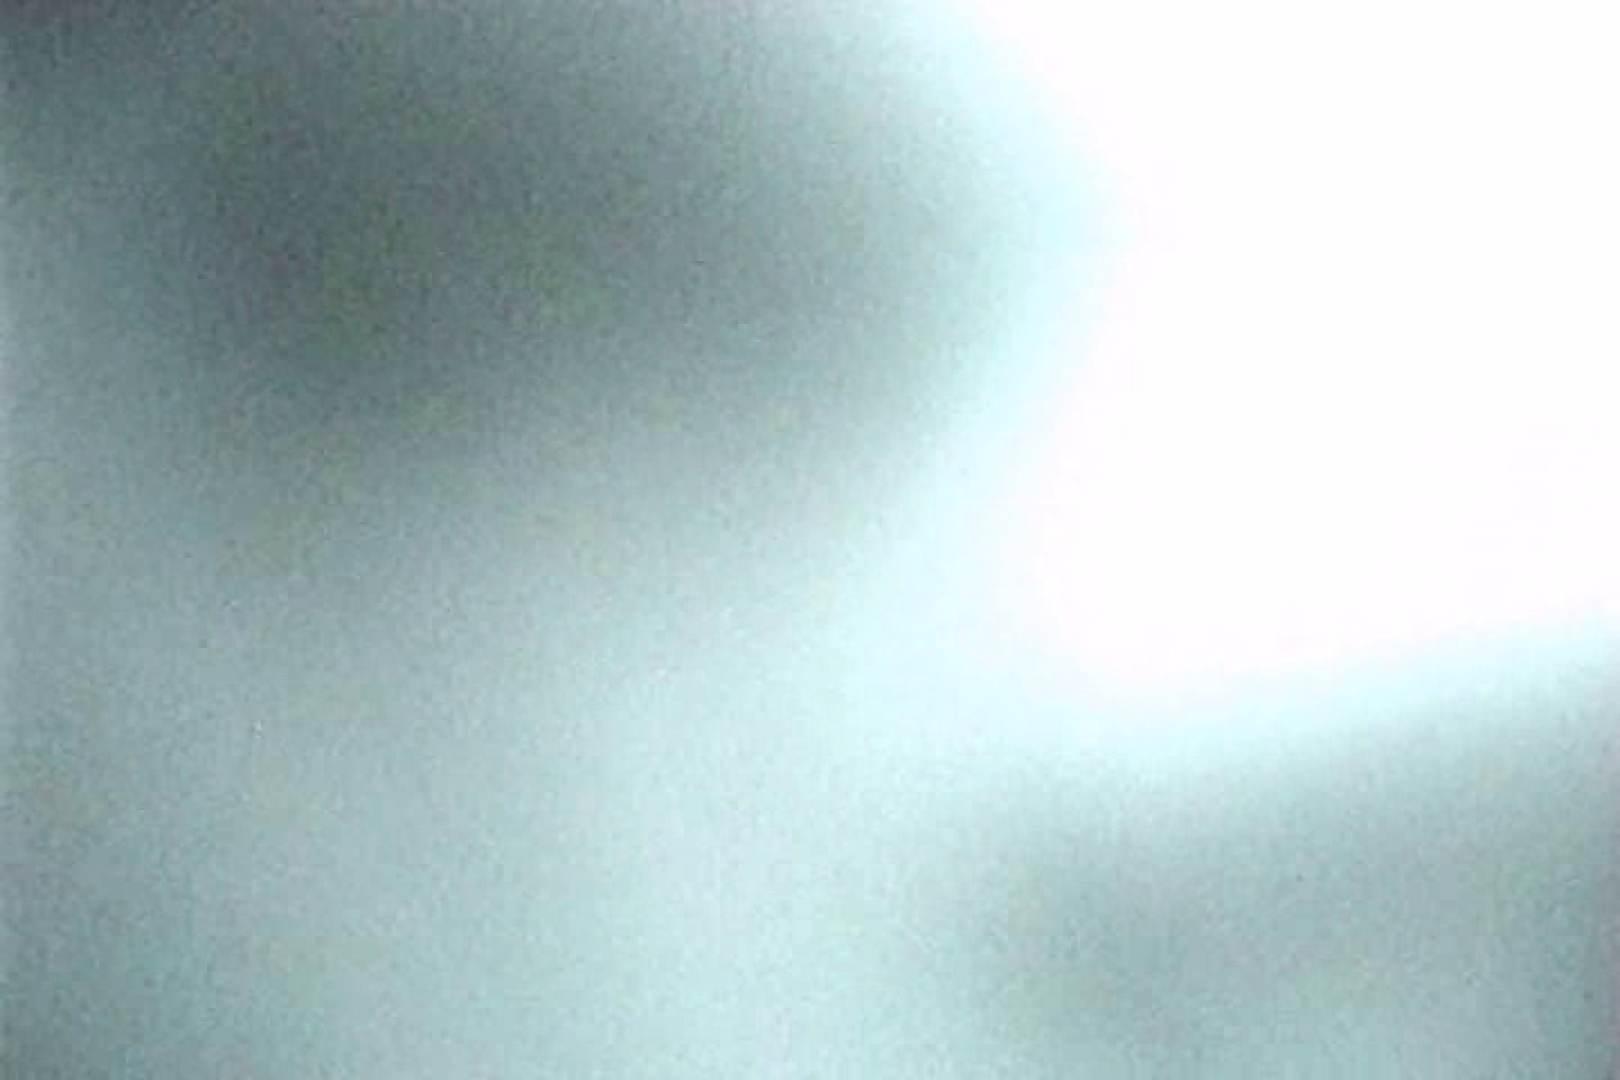 「充血監督」さんの深夜の運動会!! vol.132 お姉さんのSEX セックス画像 111枚 9